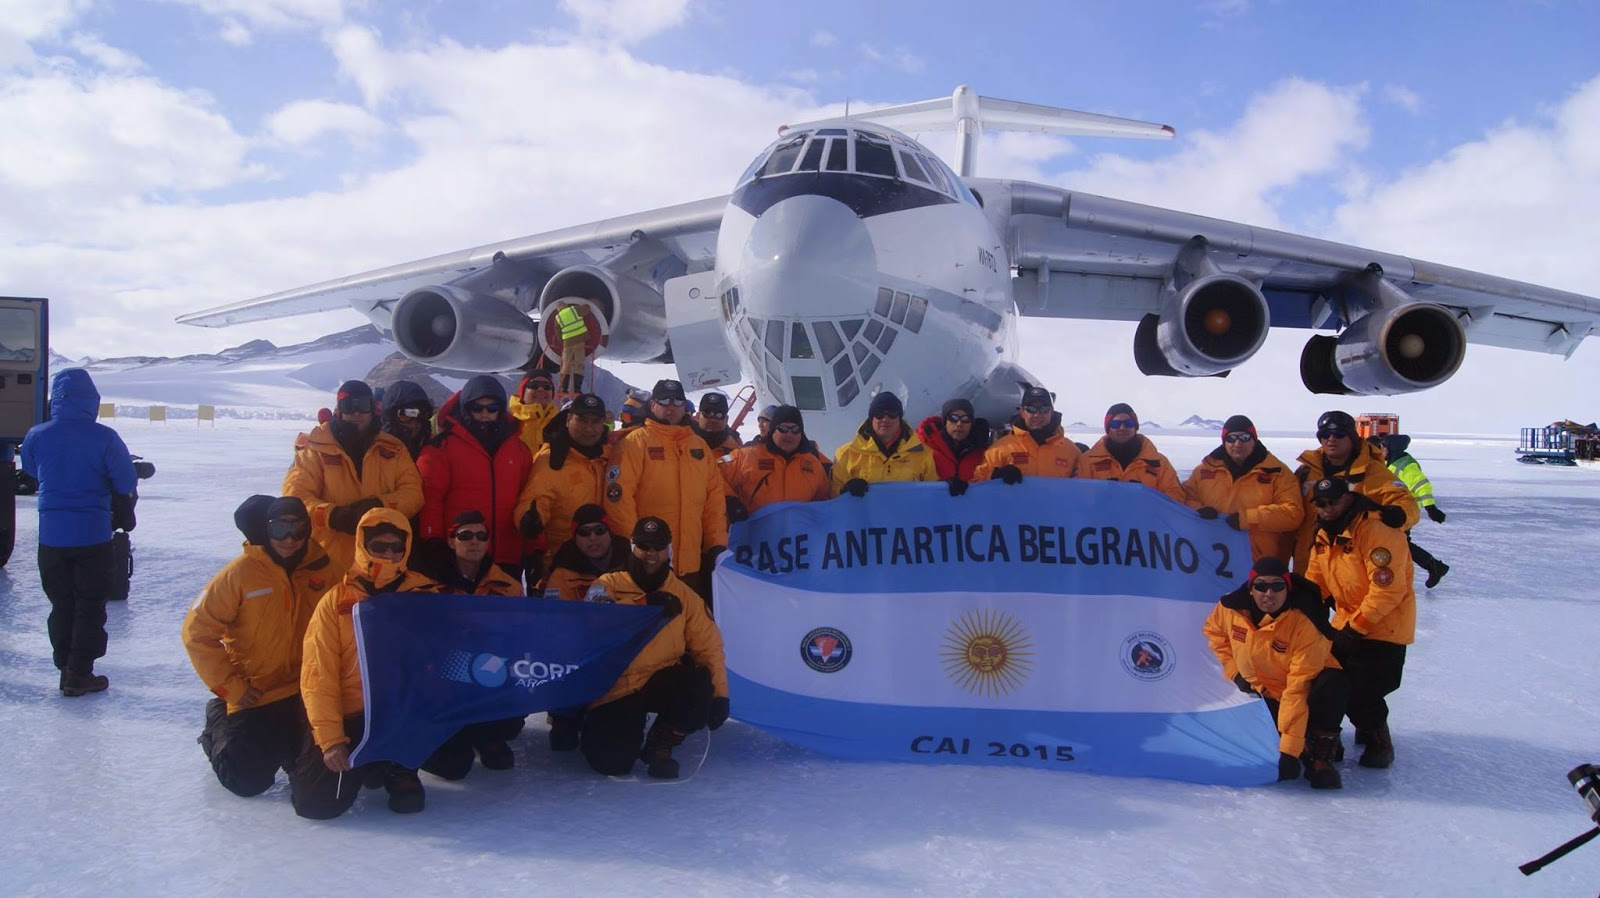 Novedades de la Antartida - Página 7 17